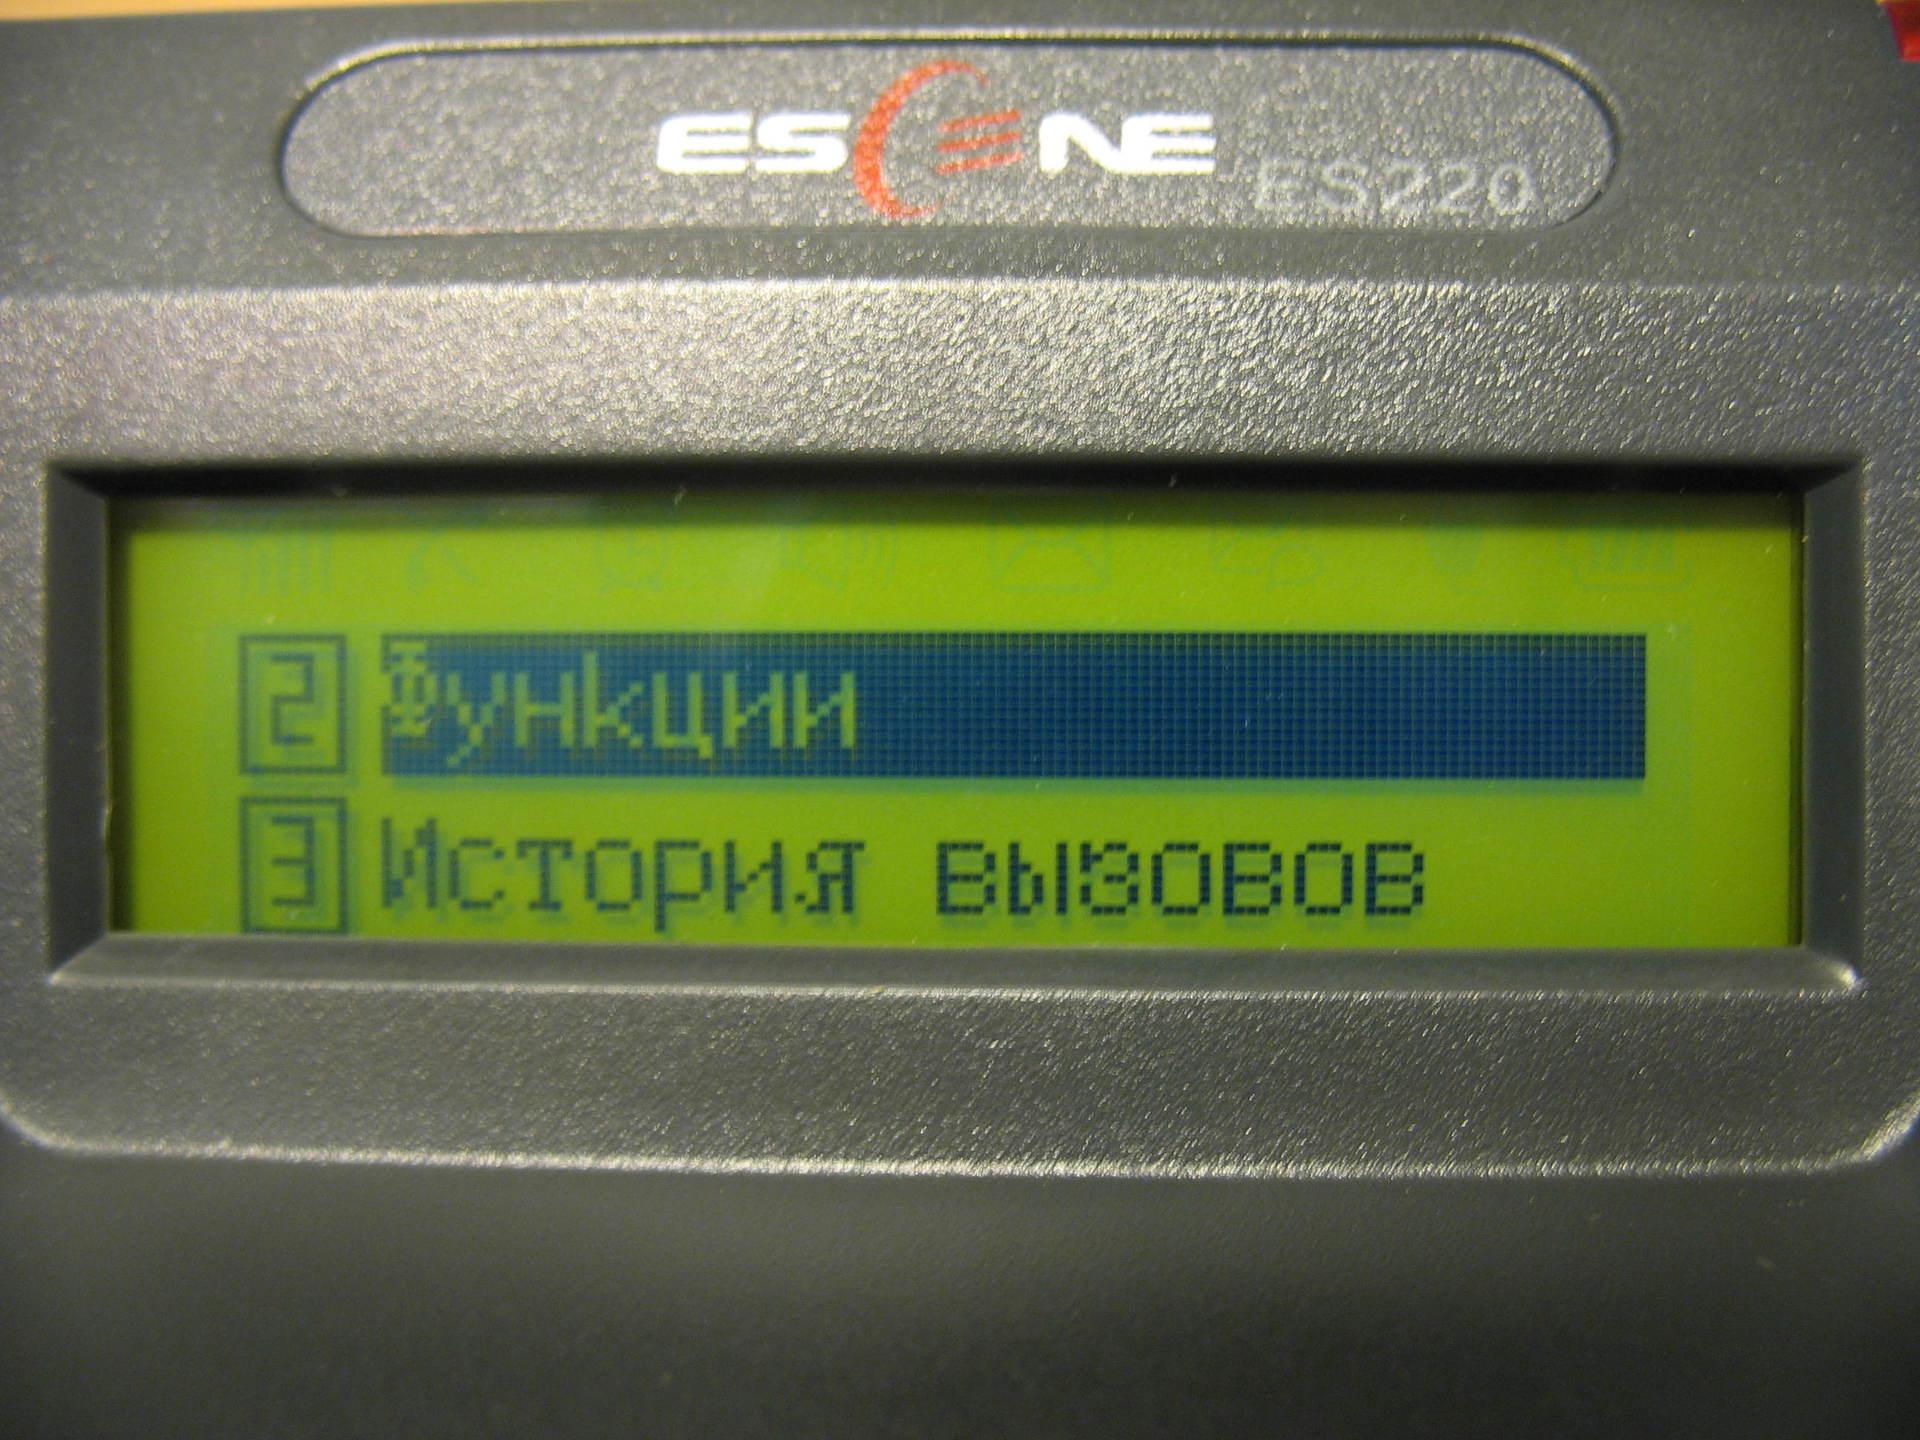 Вид меню на экране телефона Escene ES220